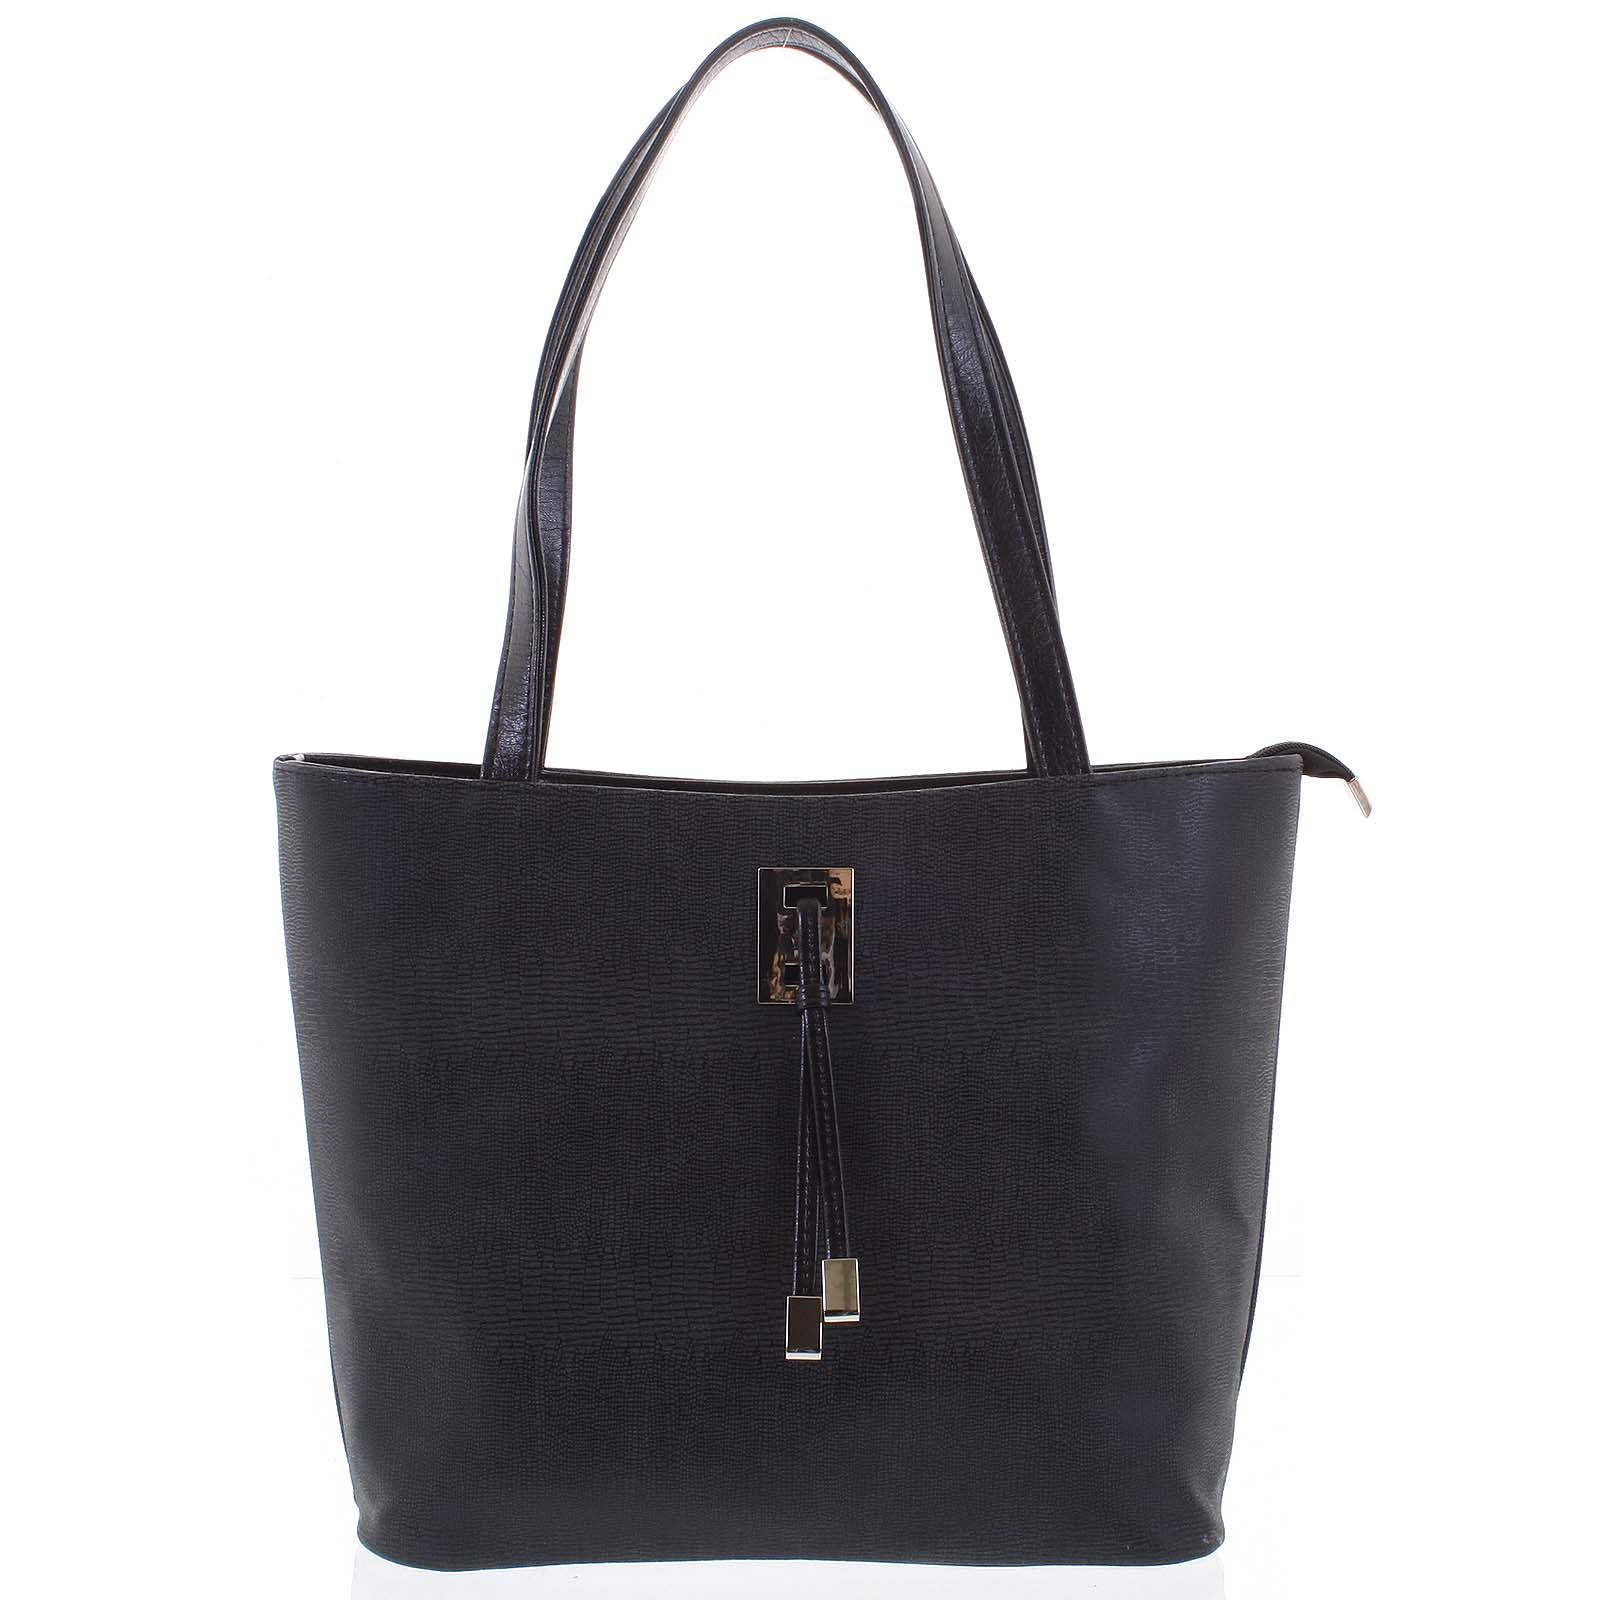 Veľká čierna vzorovaná dámska kabelka cez plece - Ellis Huyen